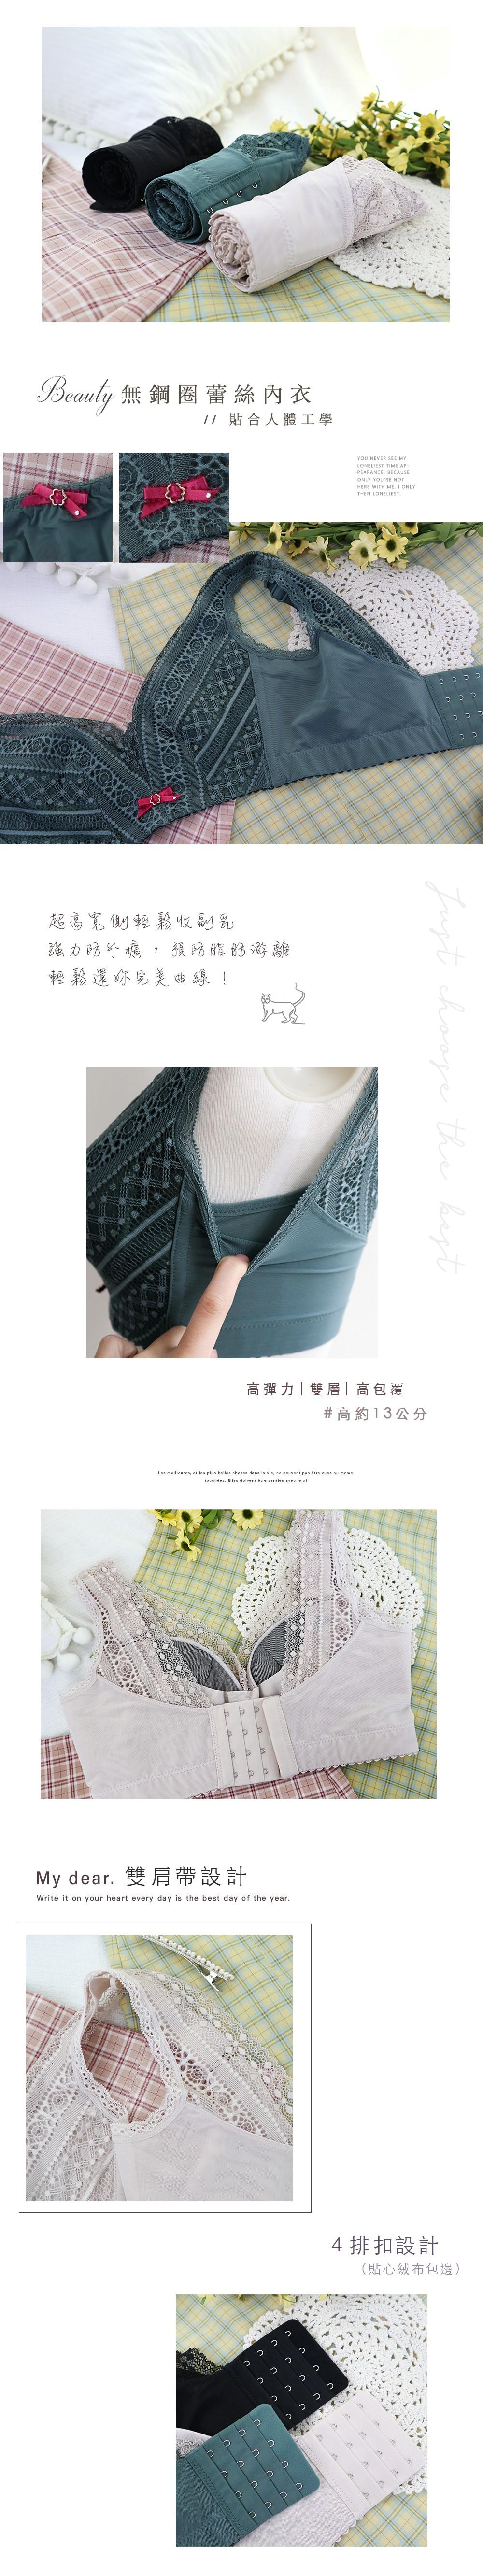 無鋼圈曲奇圓舞曲超薄蕾絲調整型內衣單件 3色